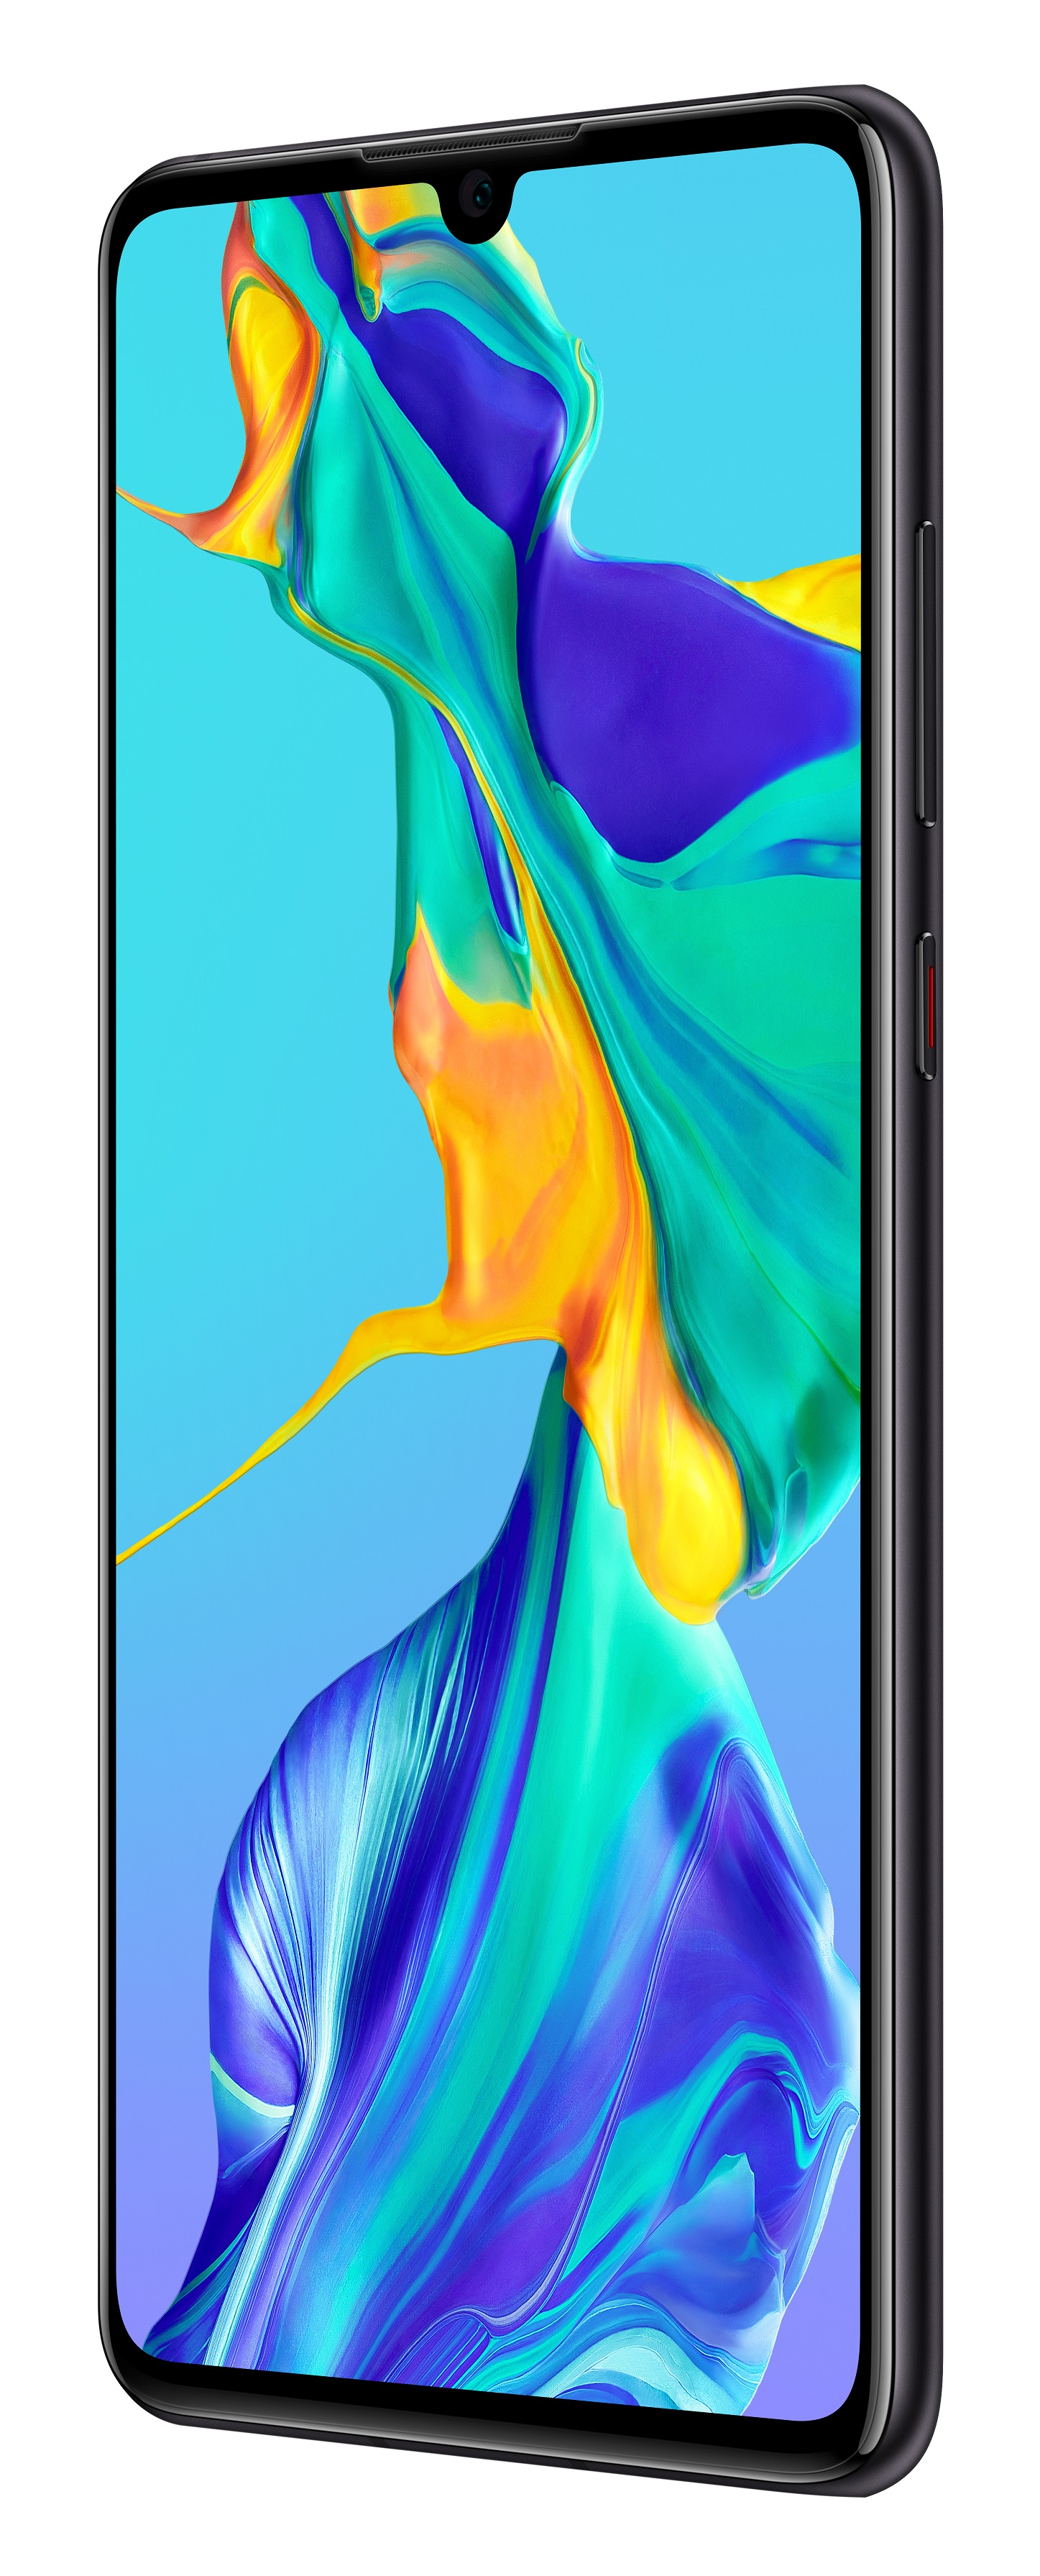 Huawei P30 schwarz Telekom - Dual SIM, Android 9.0 (Pie), OLED-Display, BRANDNEU